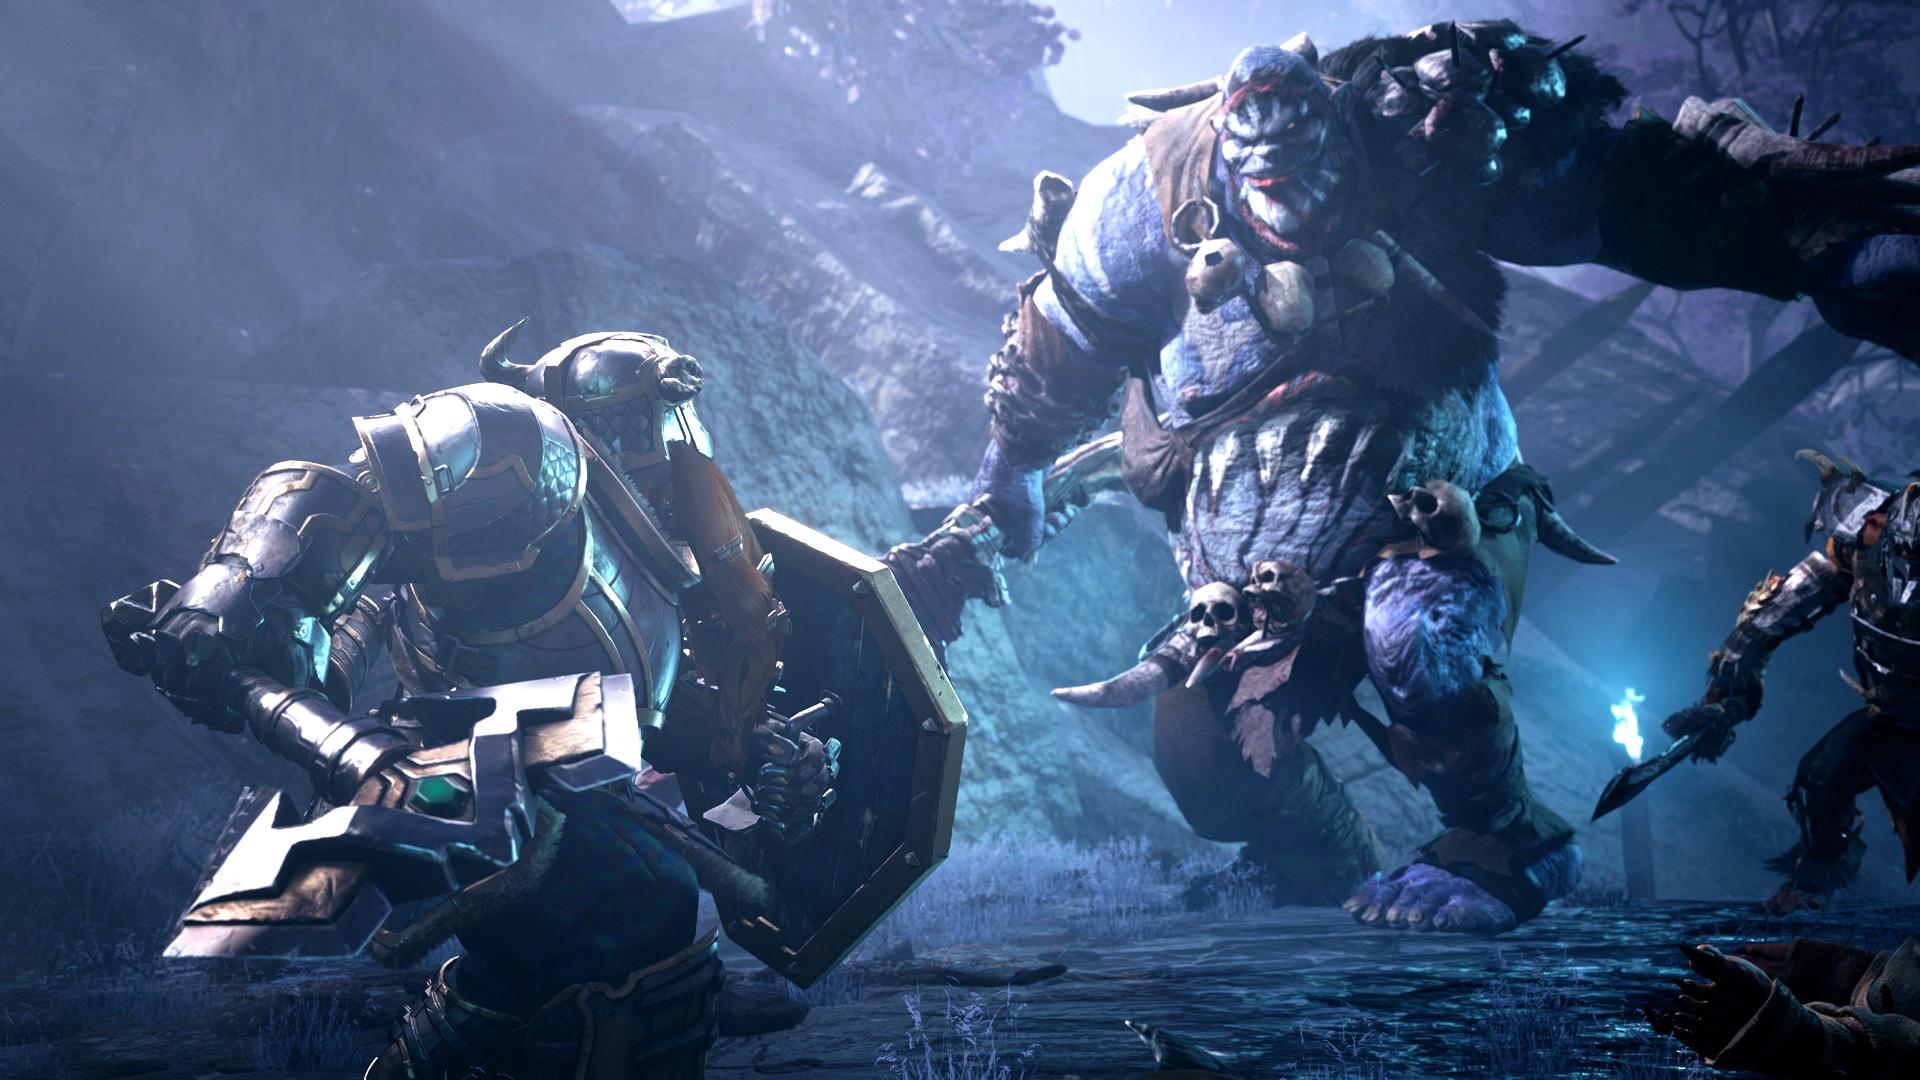 Dark Alliance Dwarf Fighting Ogre